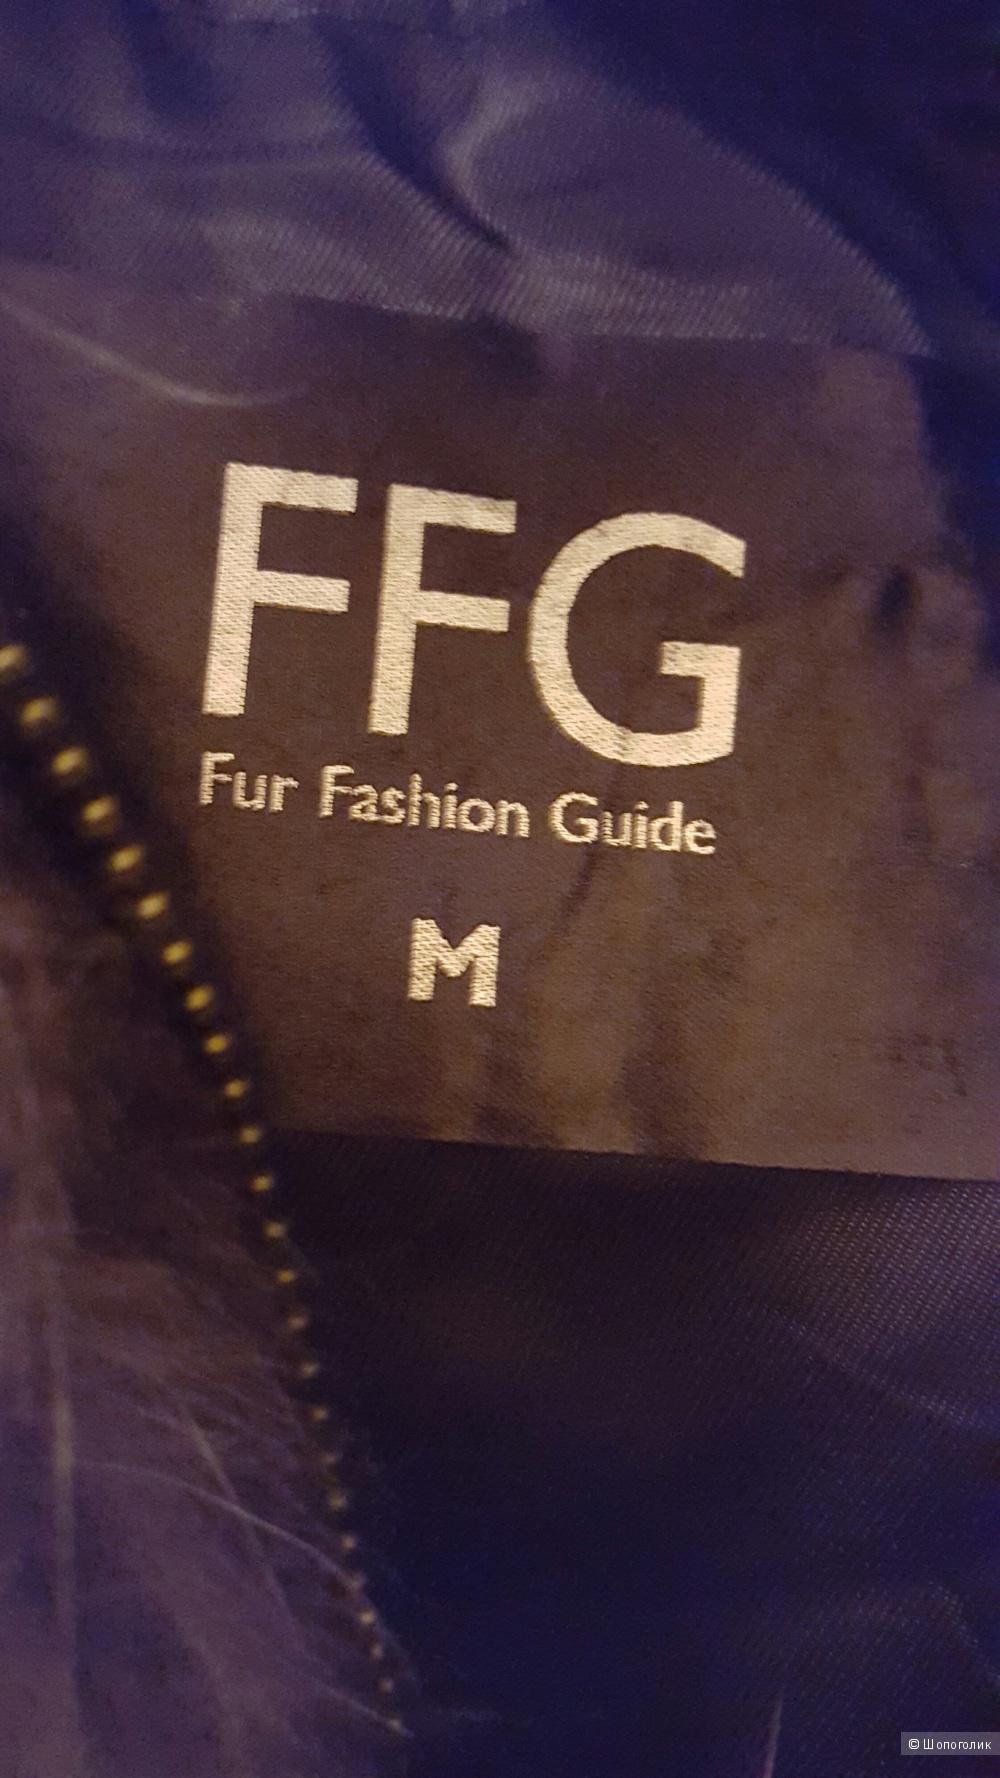 Меховая жилетка FFG, размер М.